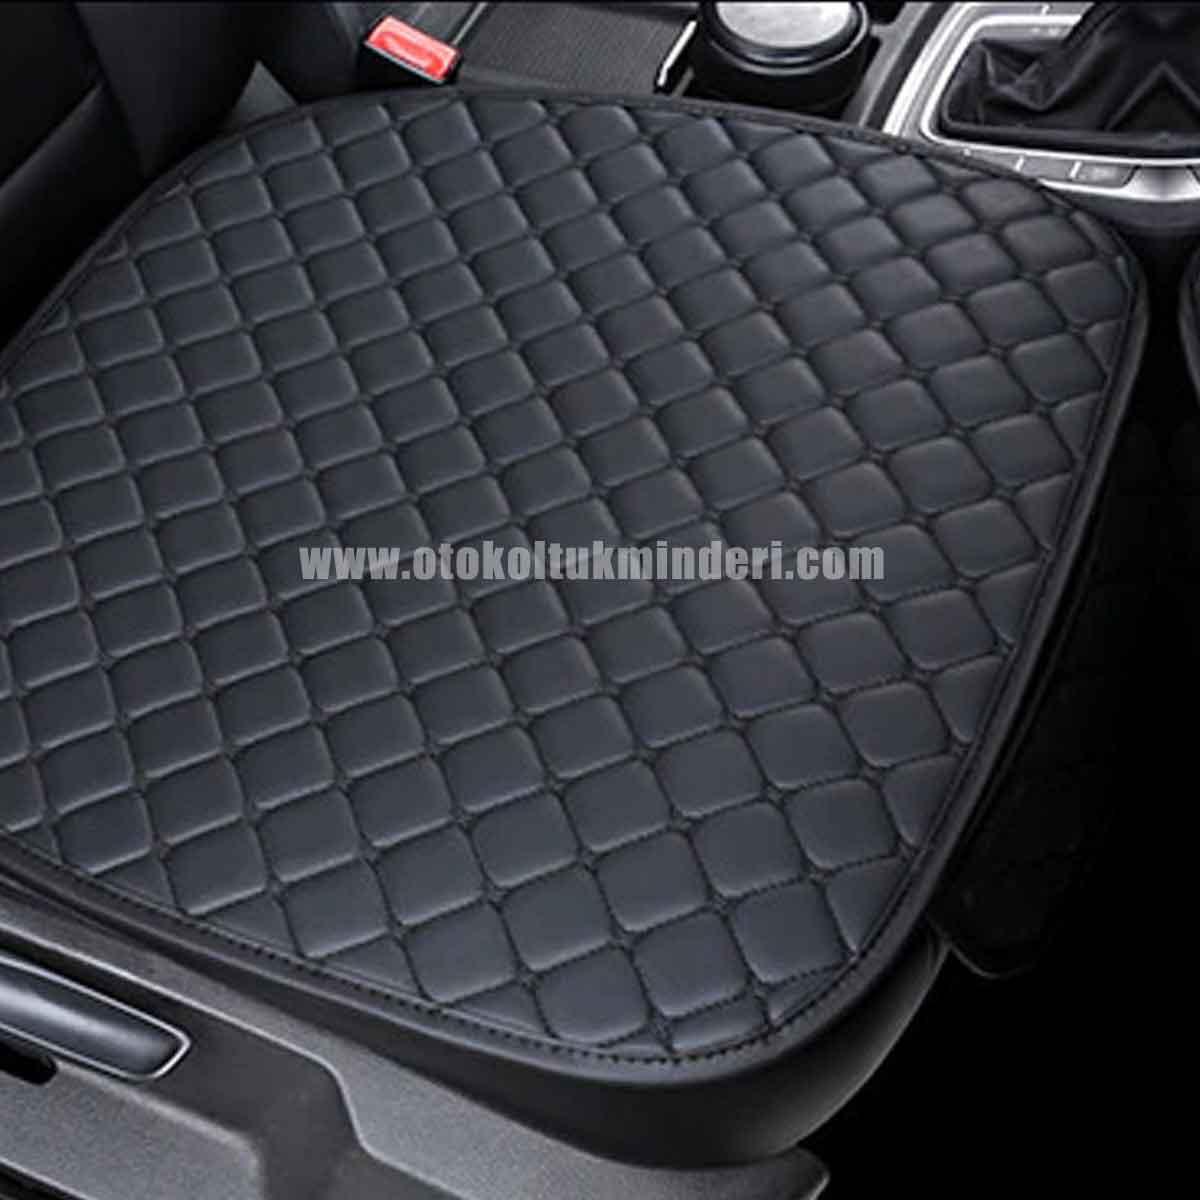 Suzuki oto koltuk kılıfı - Suzuki Koltuk minderi Siyah Deri Cepli